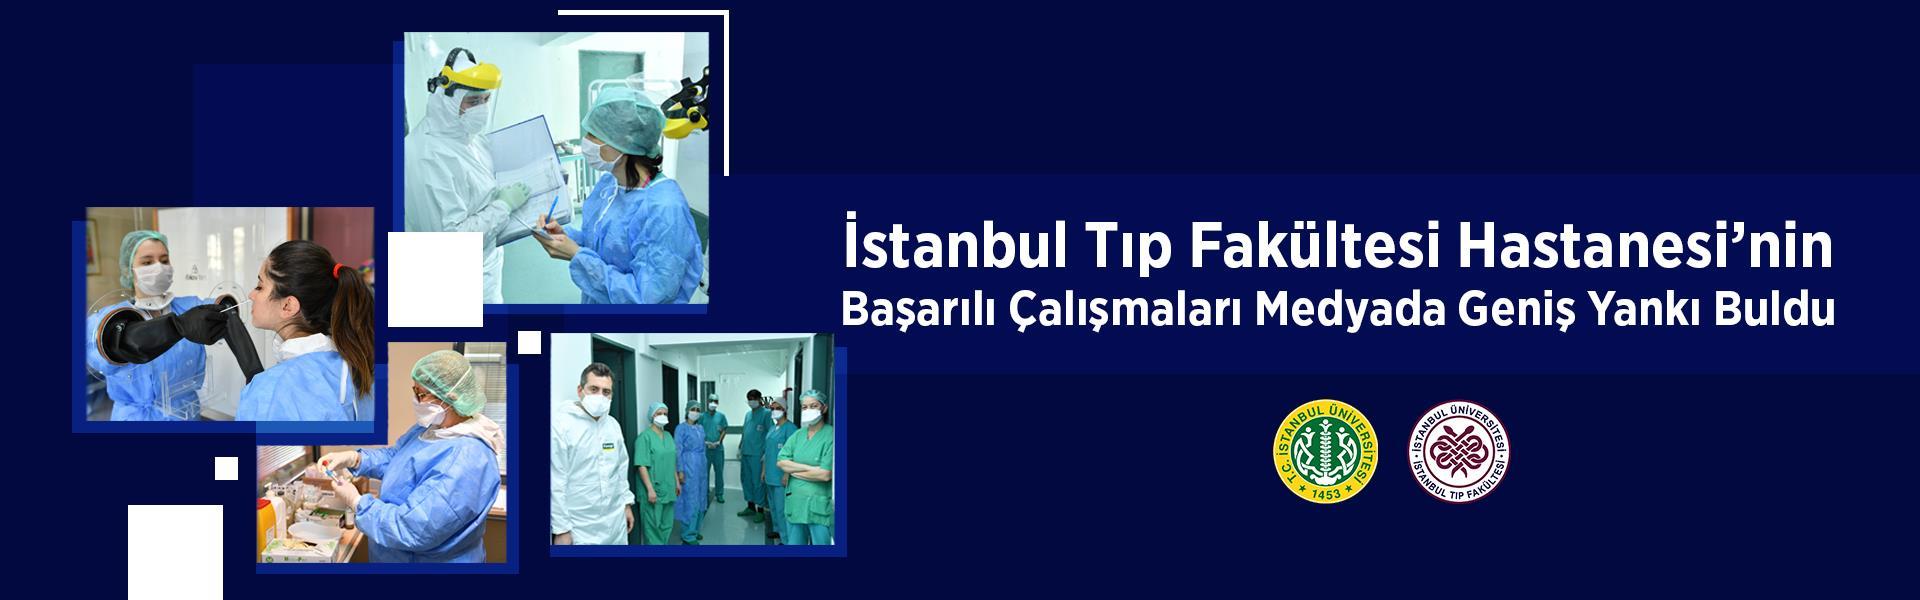 İstanbul-Tıp-Fakültesi COVID-19